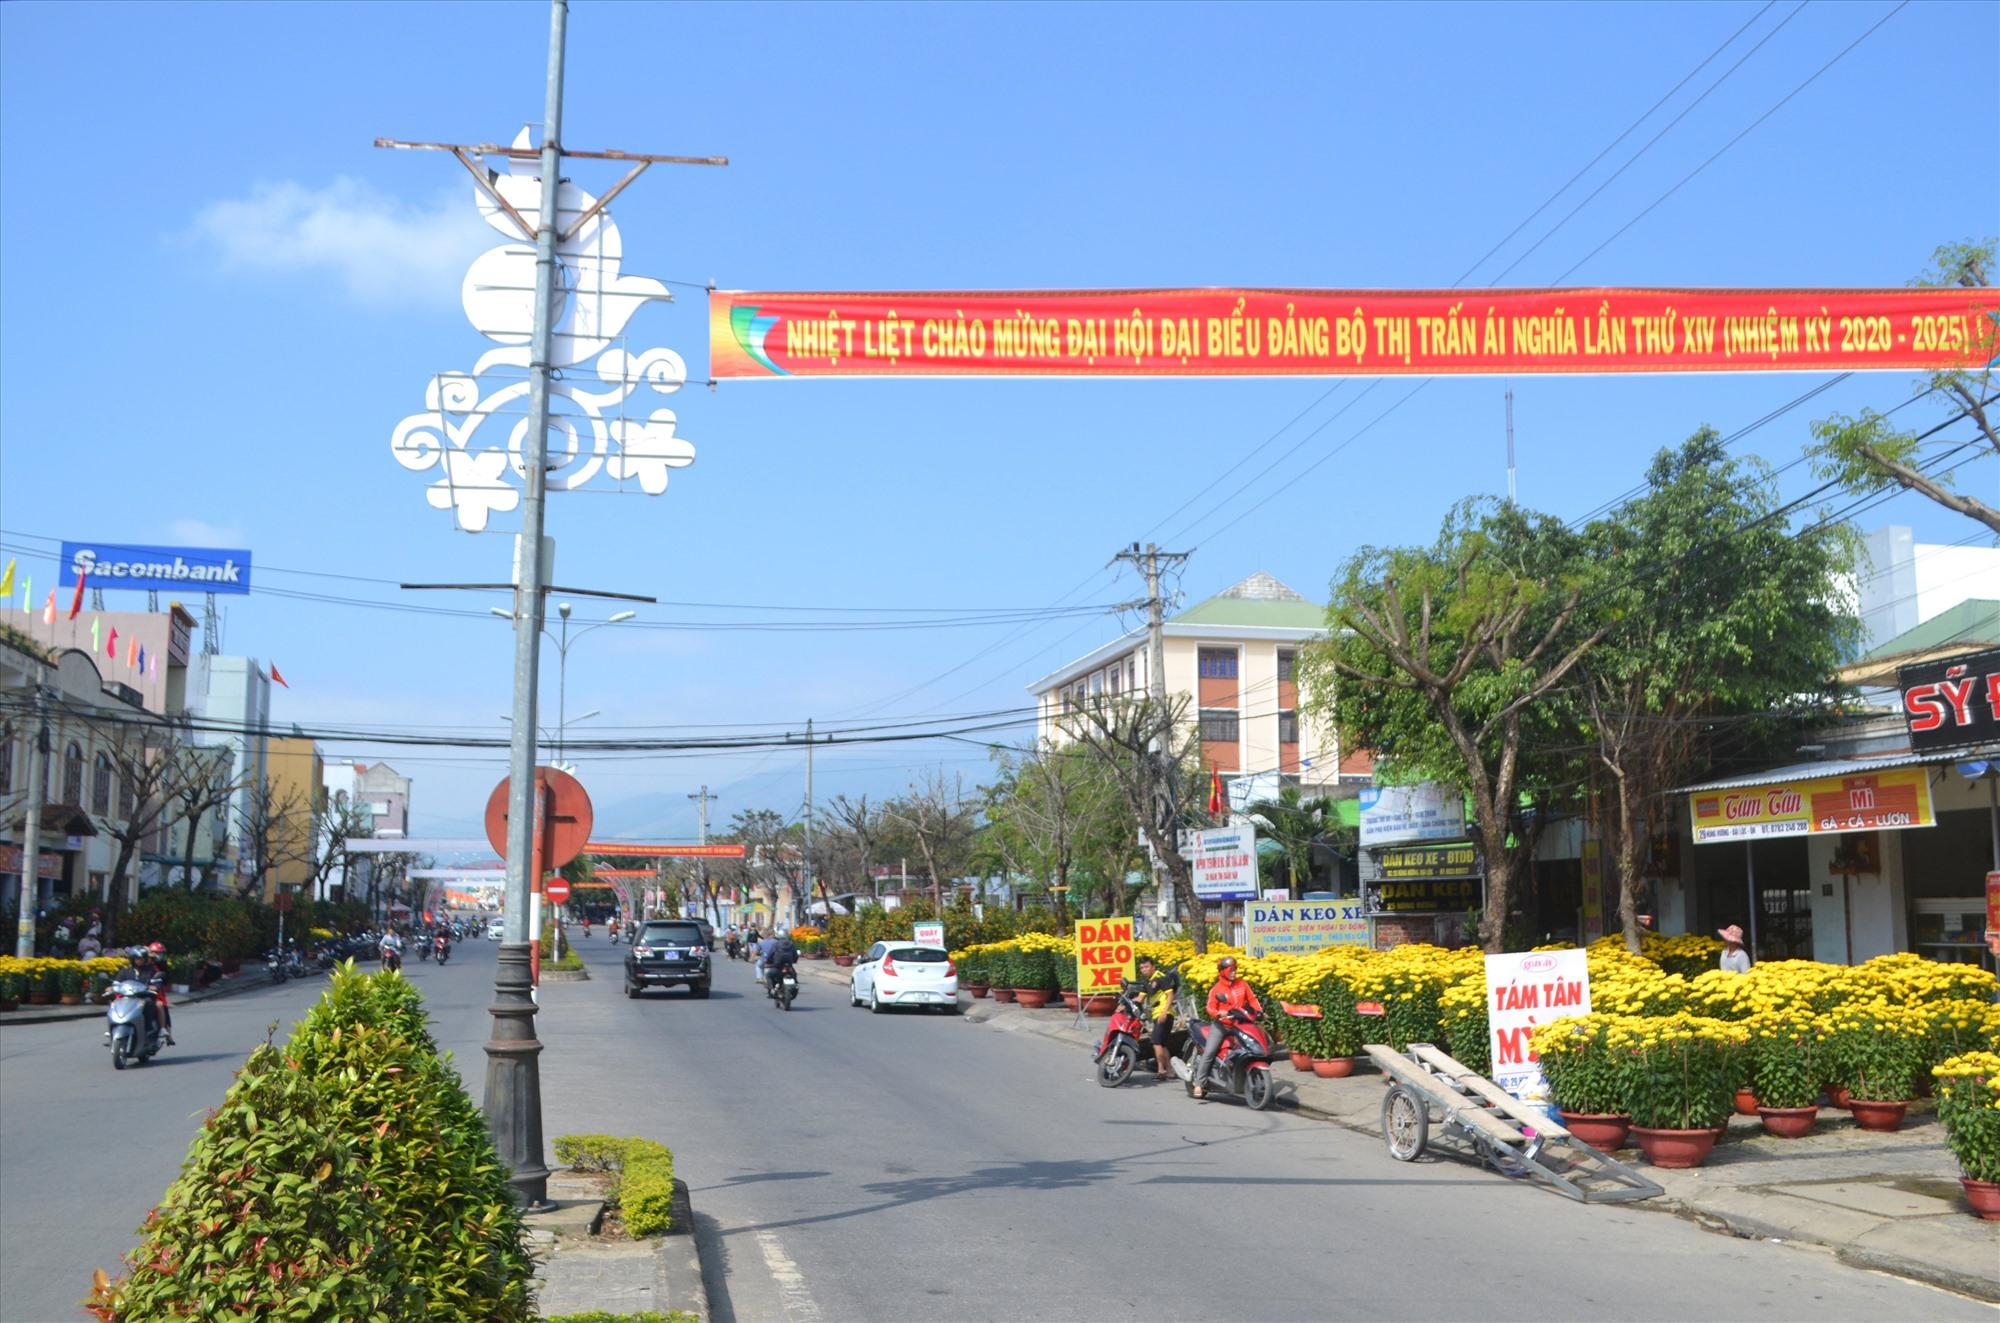 Tuyên truyền trực quan về đại hội đảng các cấp trên trục đường chính qua trung tâm huyện Đại Lộc. Ảnh: CT